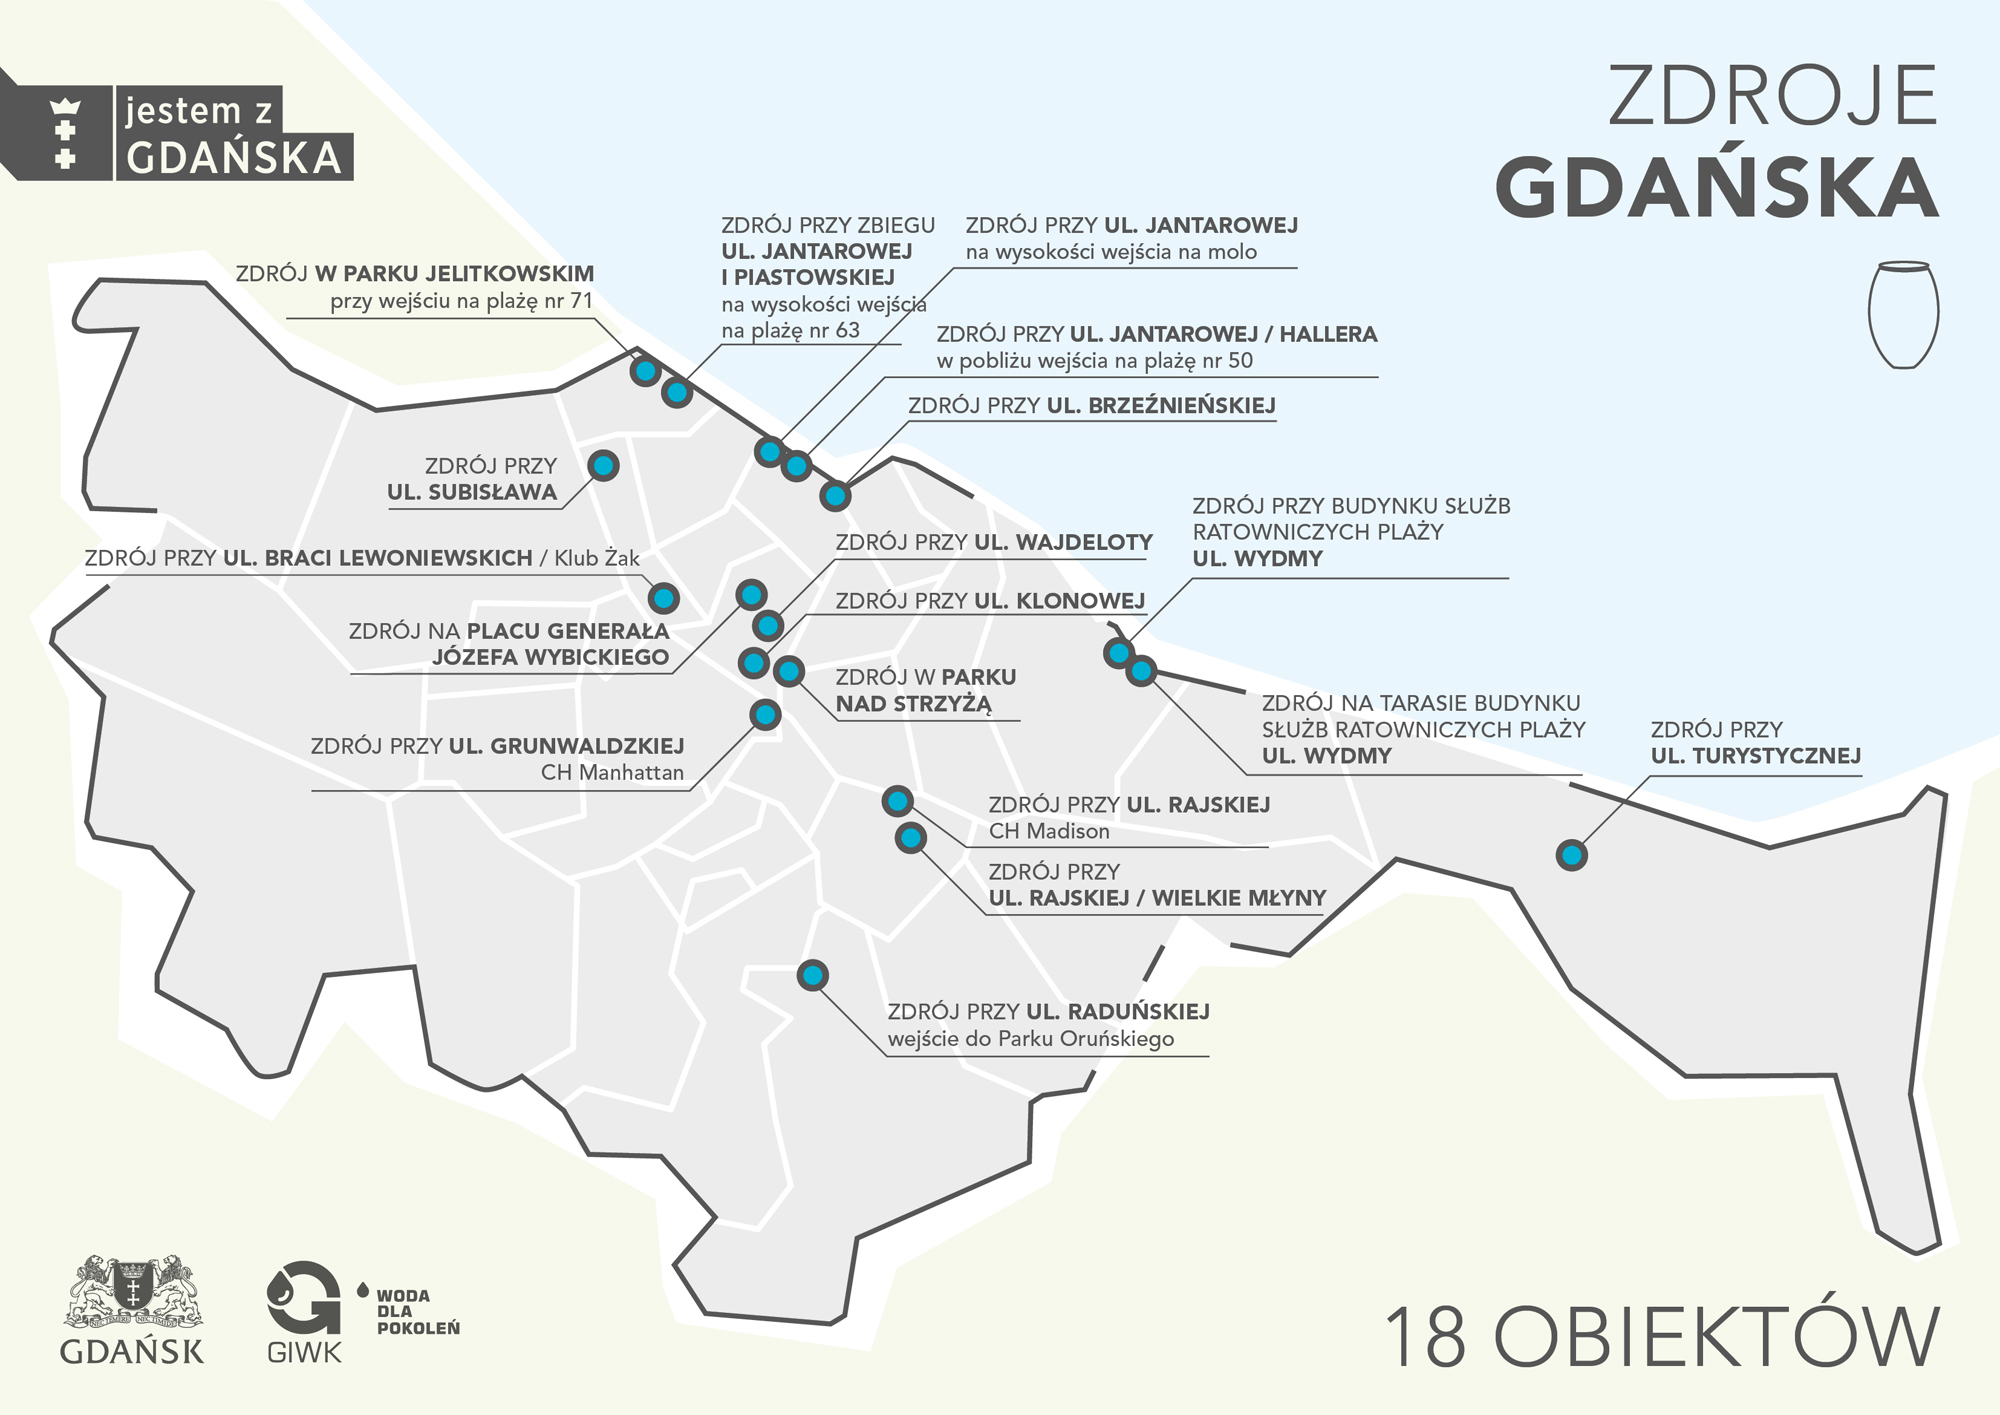 mapka_zdroje_gdanska_03